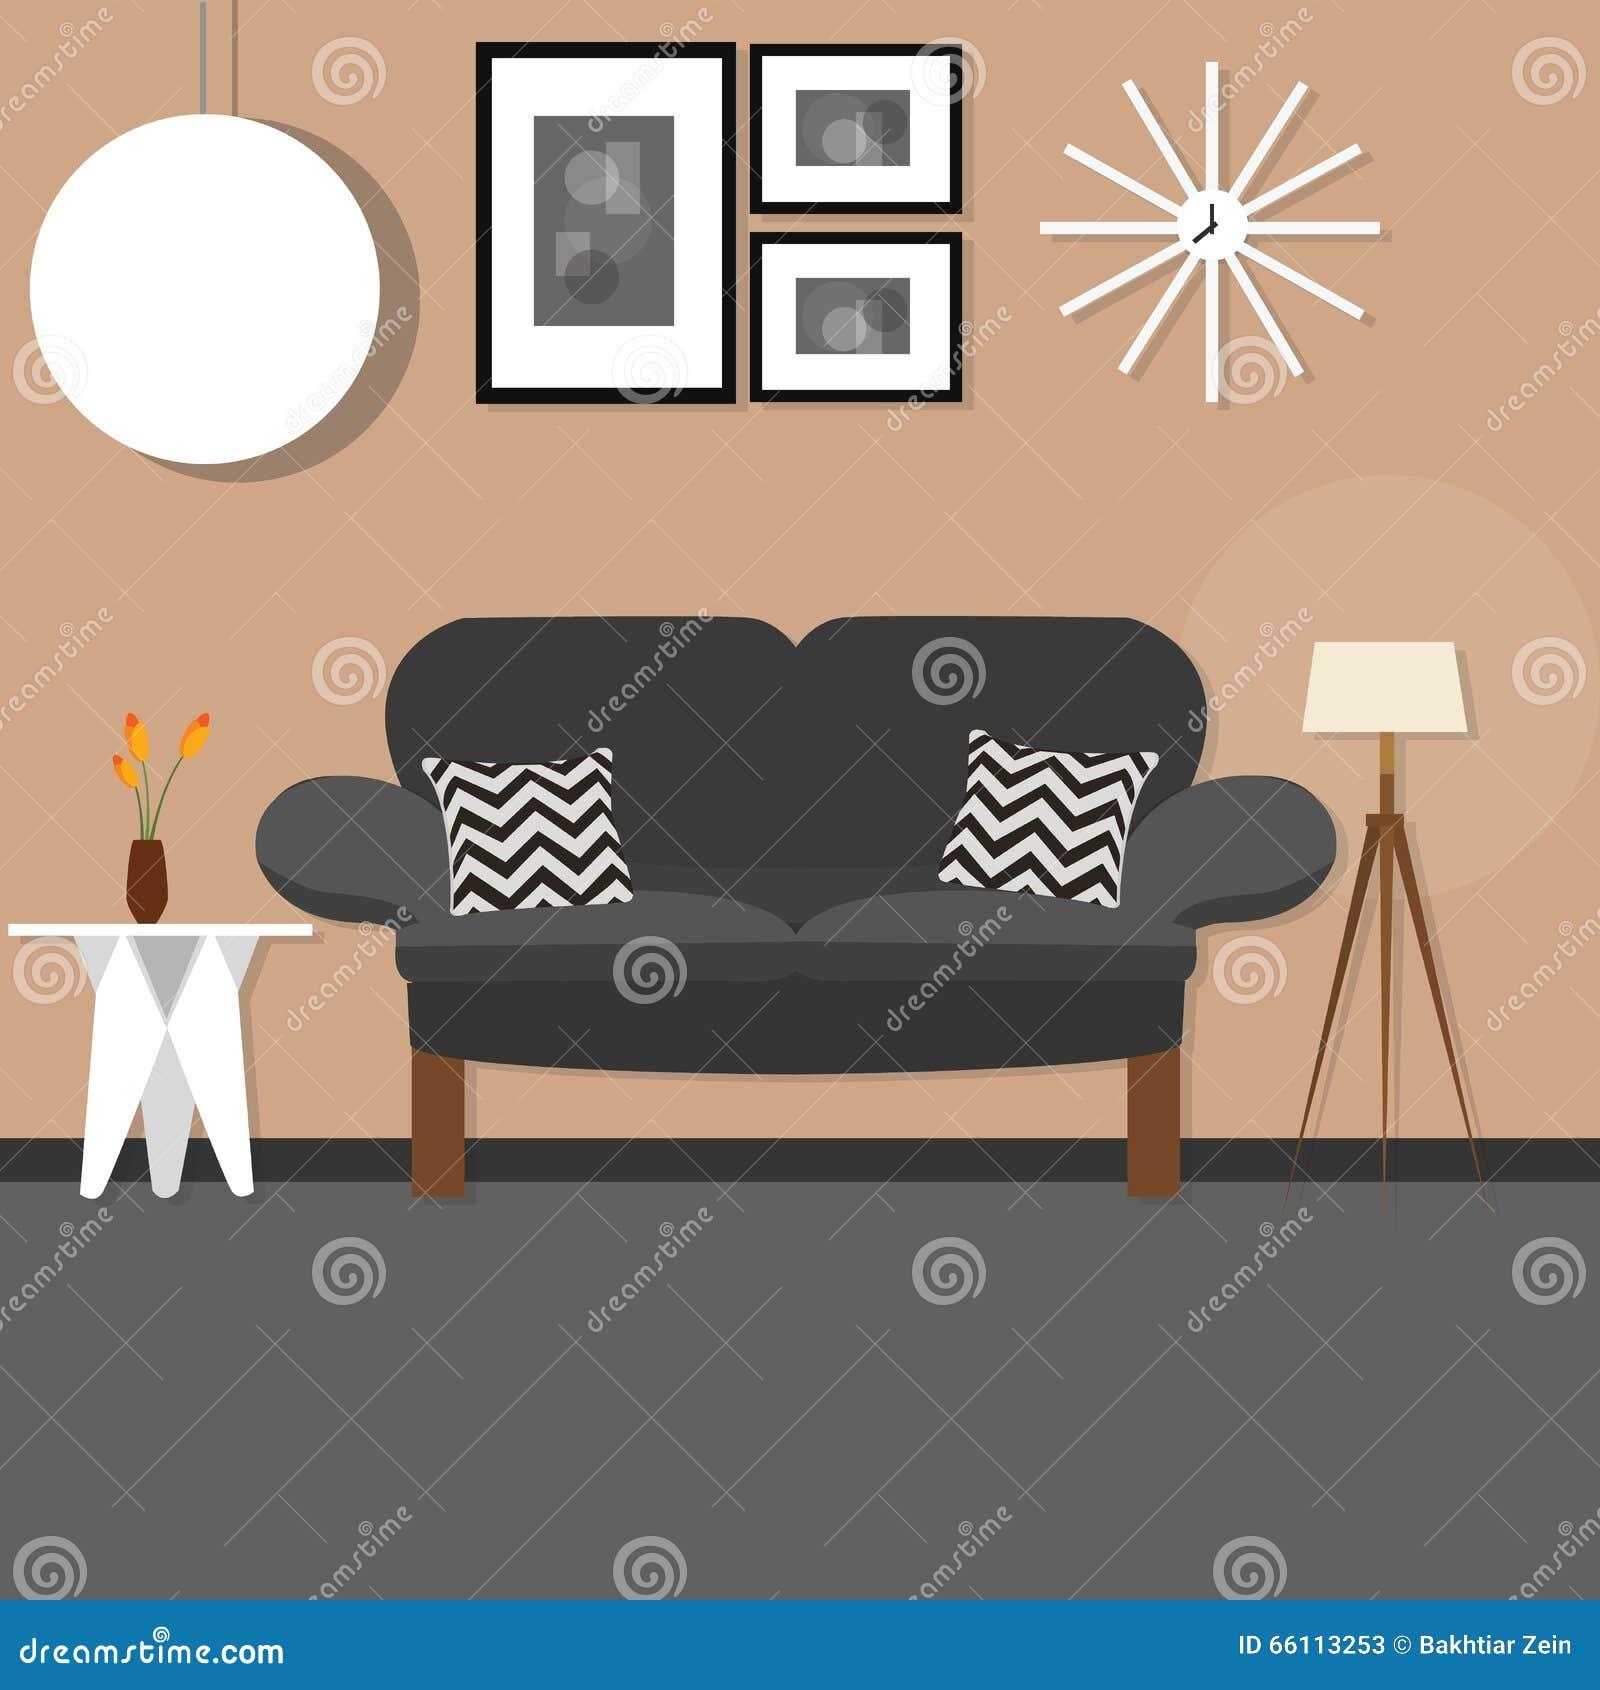 Wohnzimmer Mit Kleiner Hngender Und Stehender Brauner Wanddunkelheit Der Lampe Des Schreibtisches Sofas